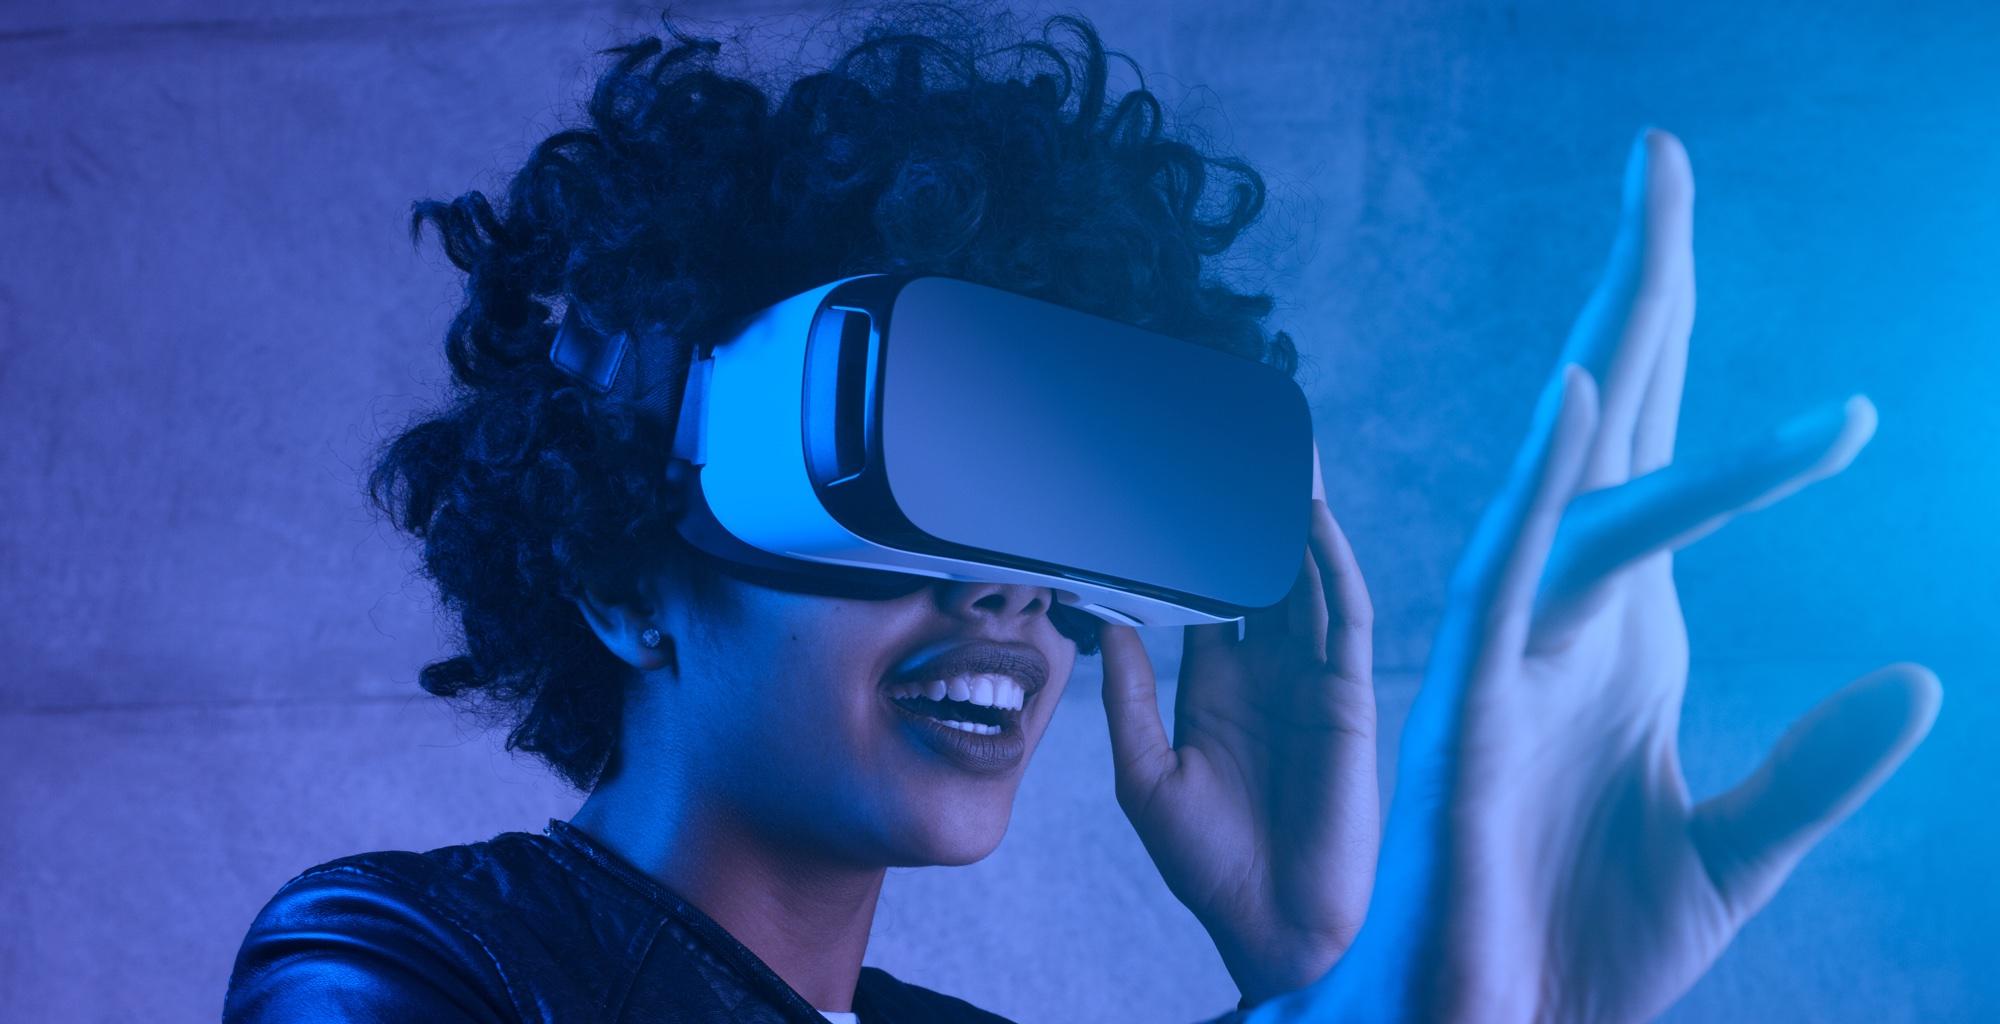 tendencias tecnológicas 2020 - Realidad aumentada